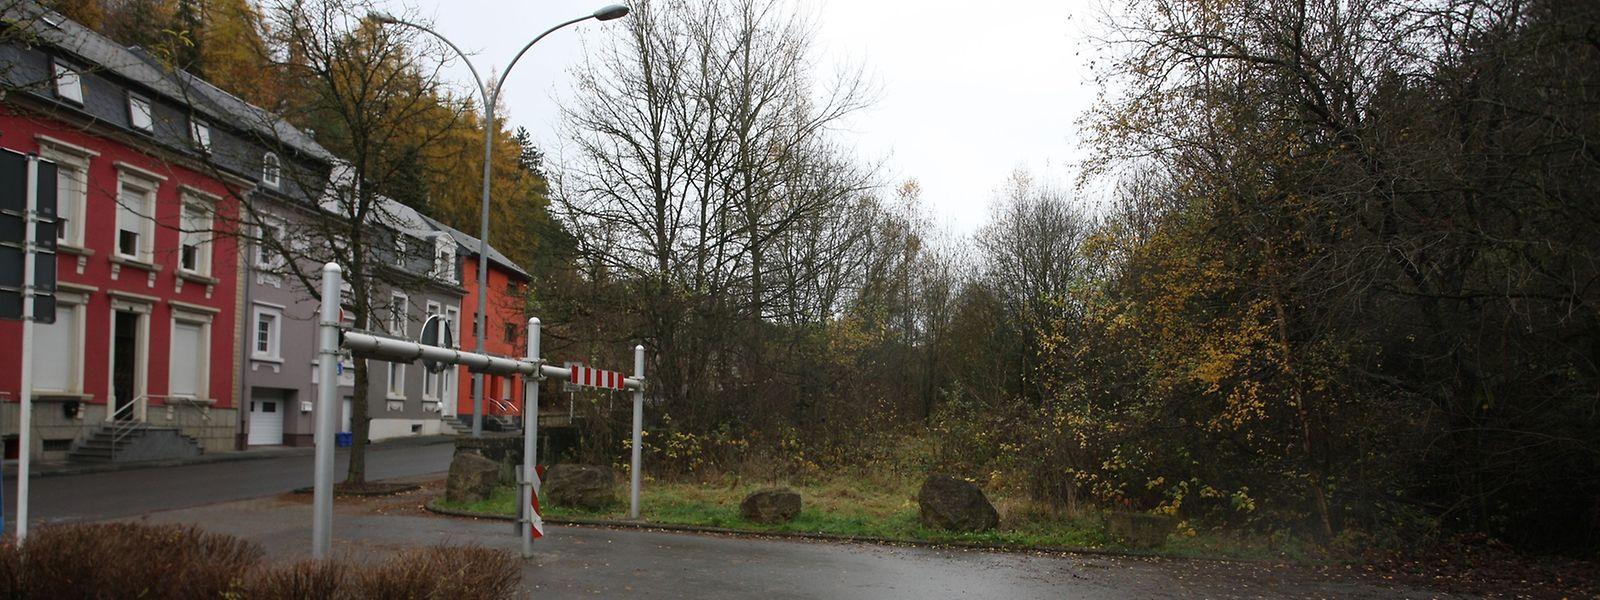 Die geplante Infrastruktur für Asylbewerber soll in Neudorf oberhalb des Parkplatzes entstehen.